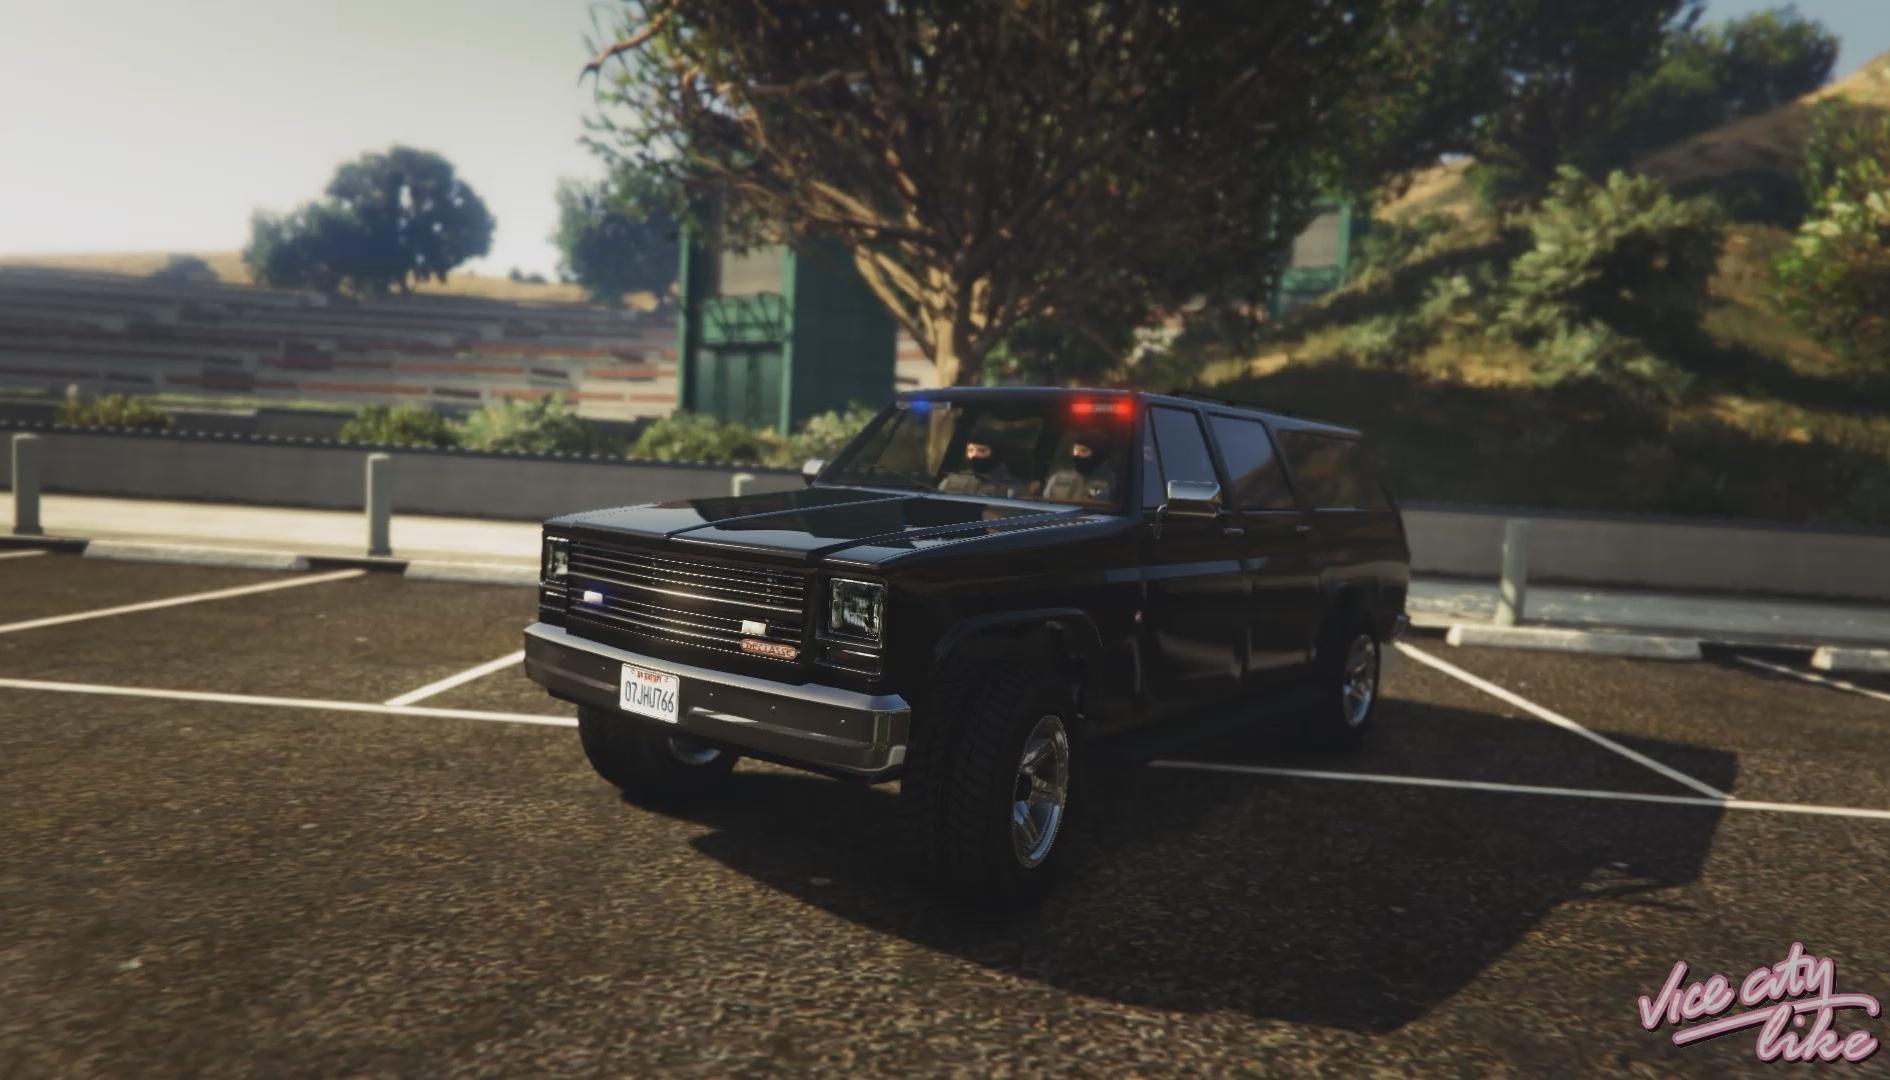 GTA 5, una mod porta nel gioco la mappa di Vice City e nuove missioni